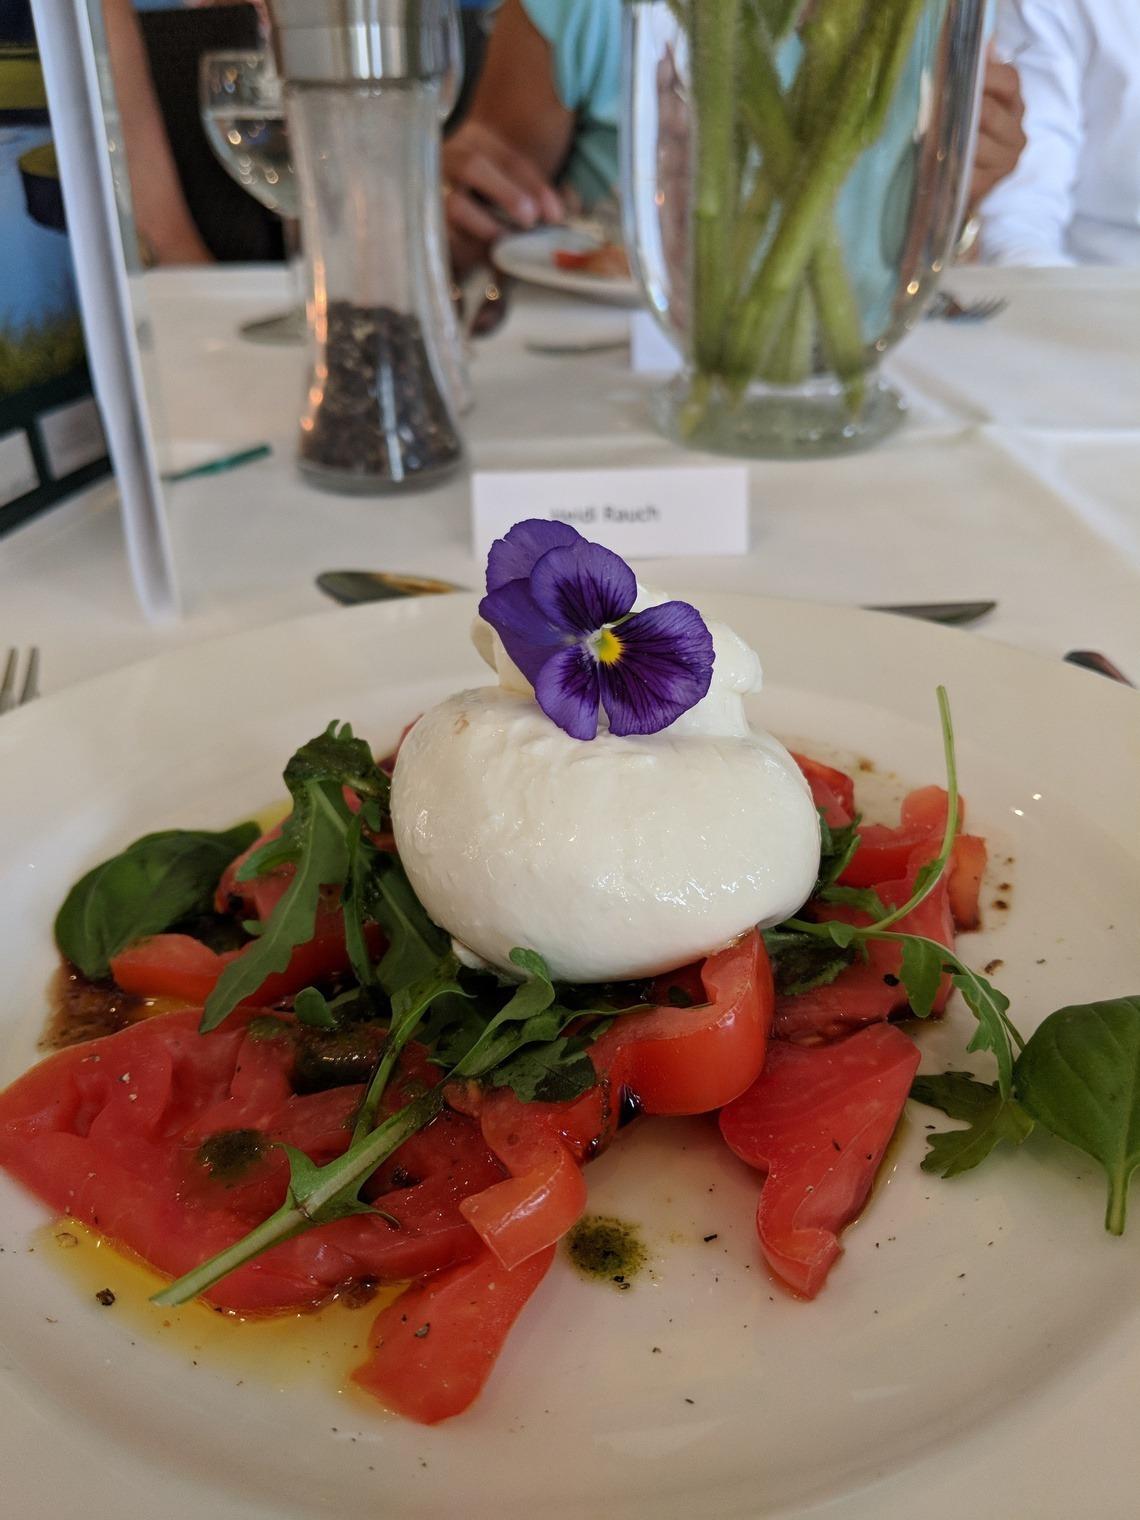 Burrata, die Edel-Variante des Mozzarella, war der köstliche Auftakt für ein 4-Sterne-Menü vom Feinsten.